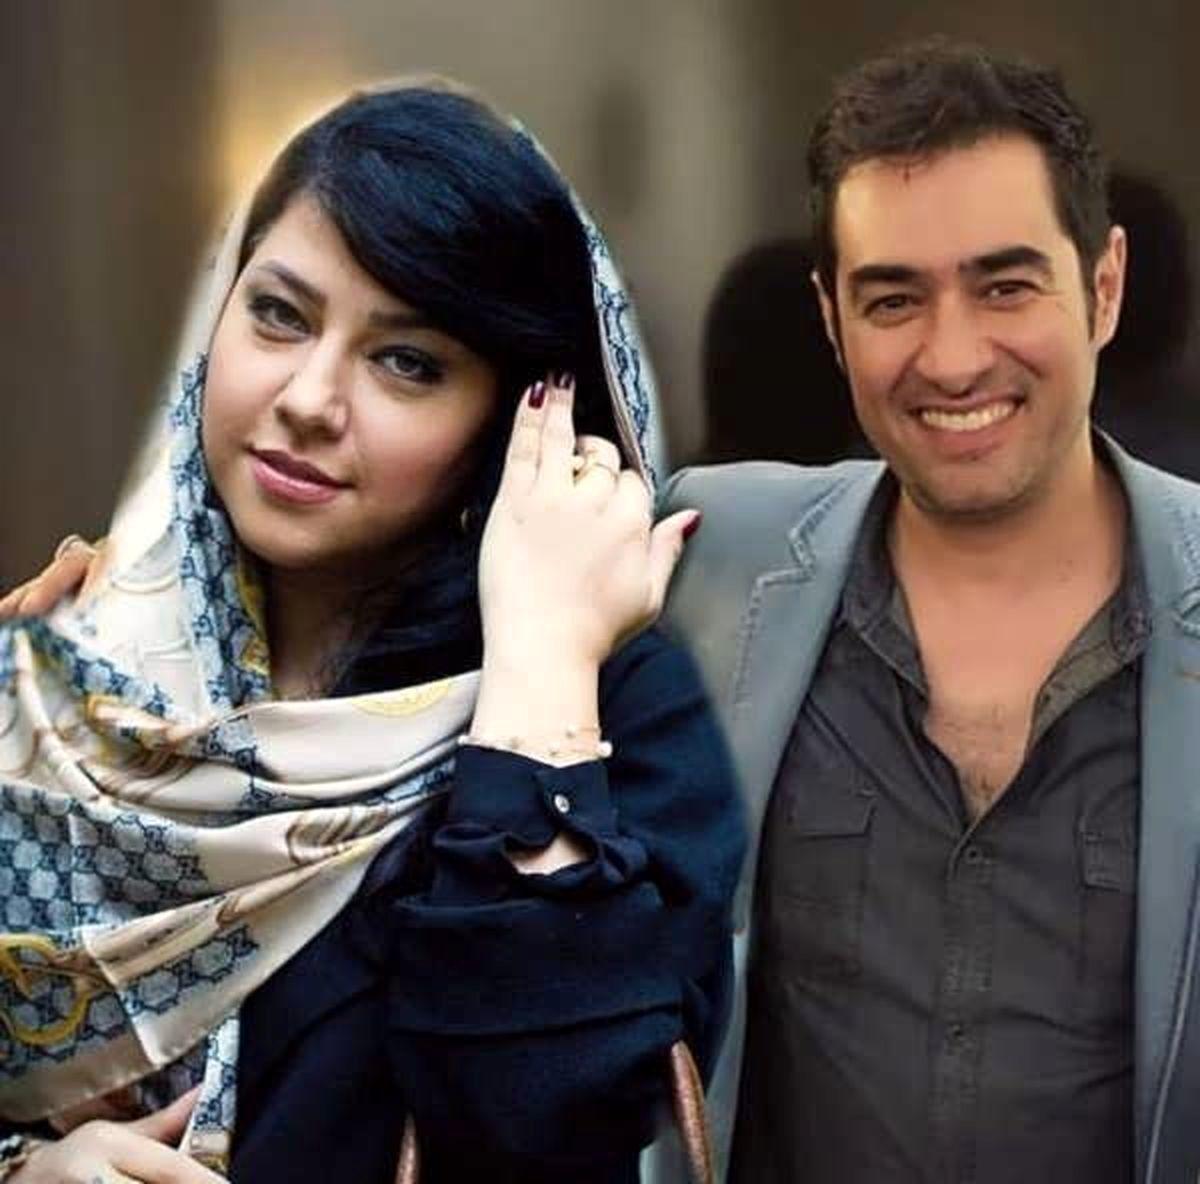 شهاب حسینی همسرش را طلاق داد + عکس